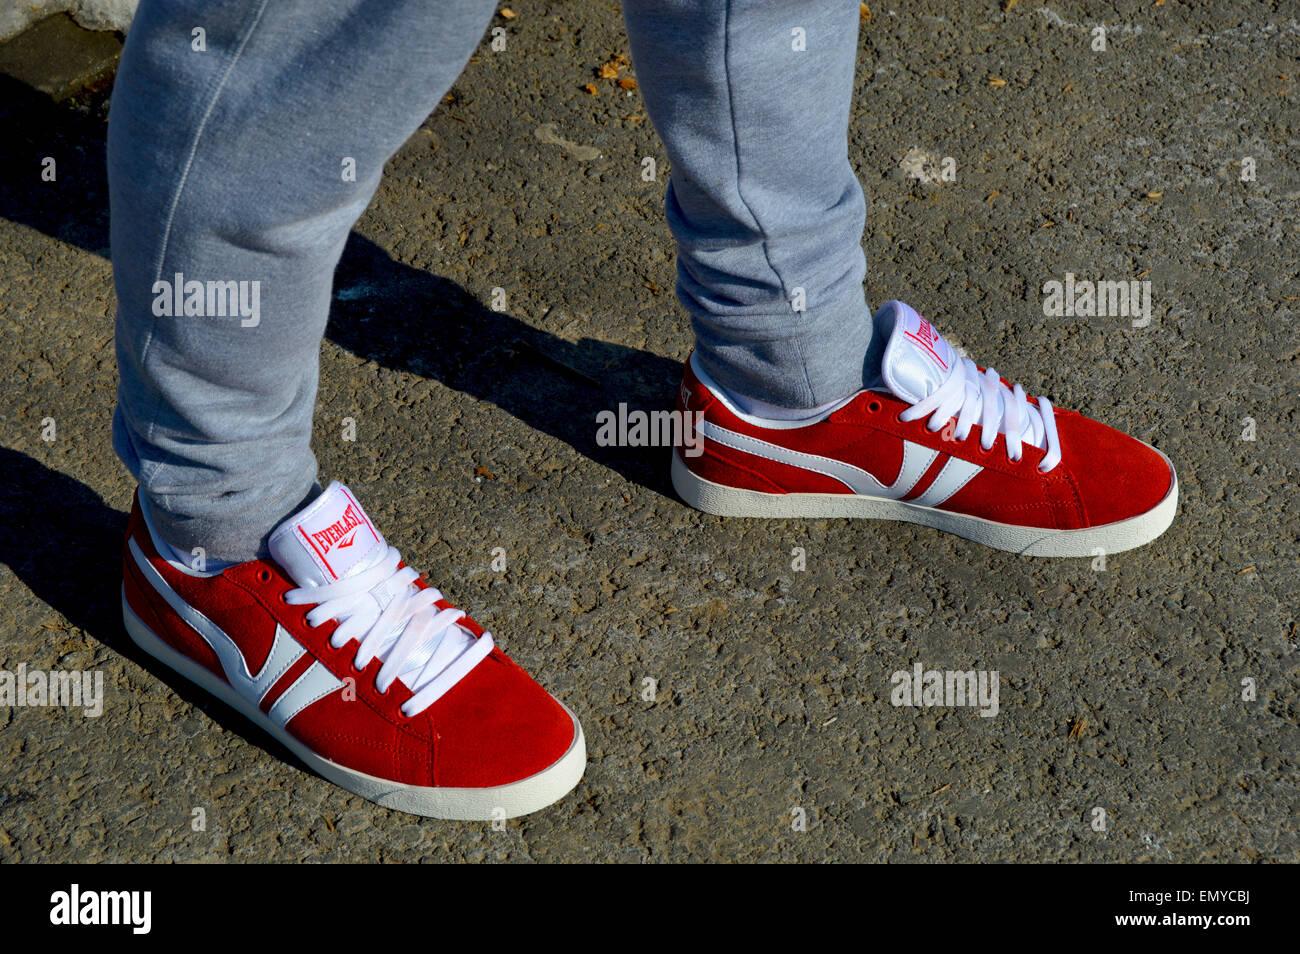 Portant Paire Everlast De Cuir Jeunes Chaussures Les Une En Hommes Lq34Aj5R